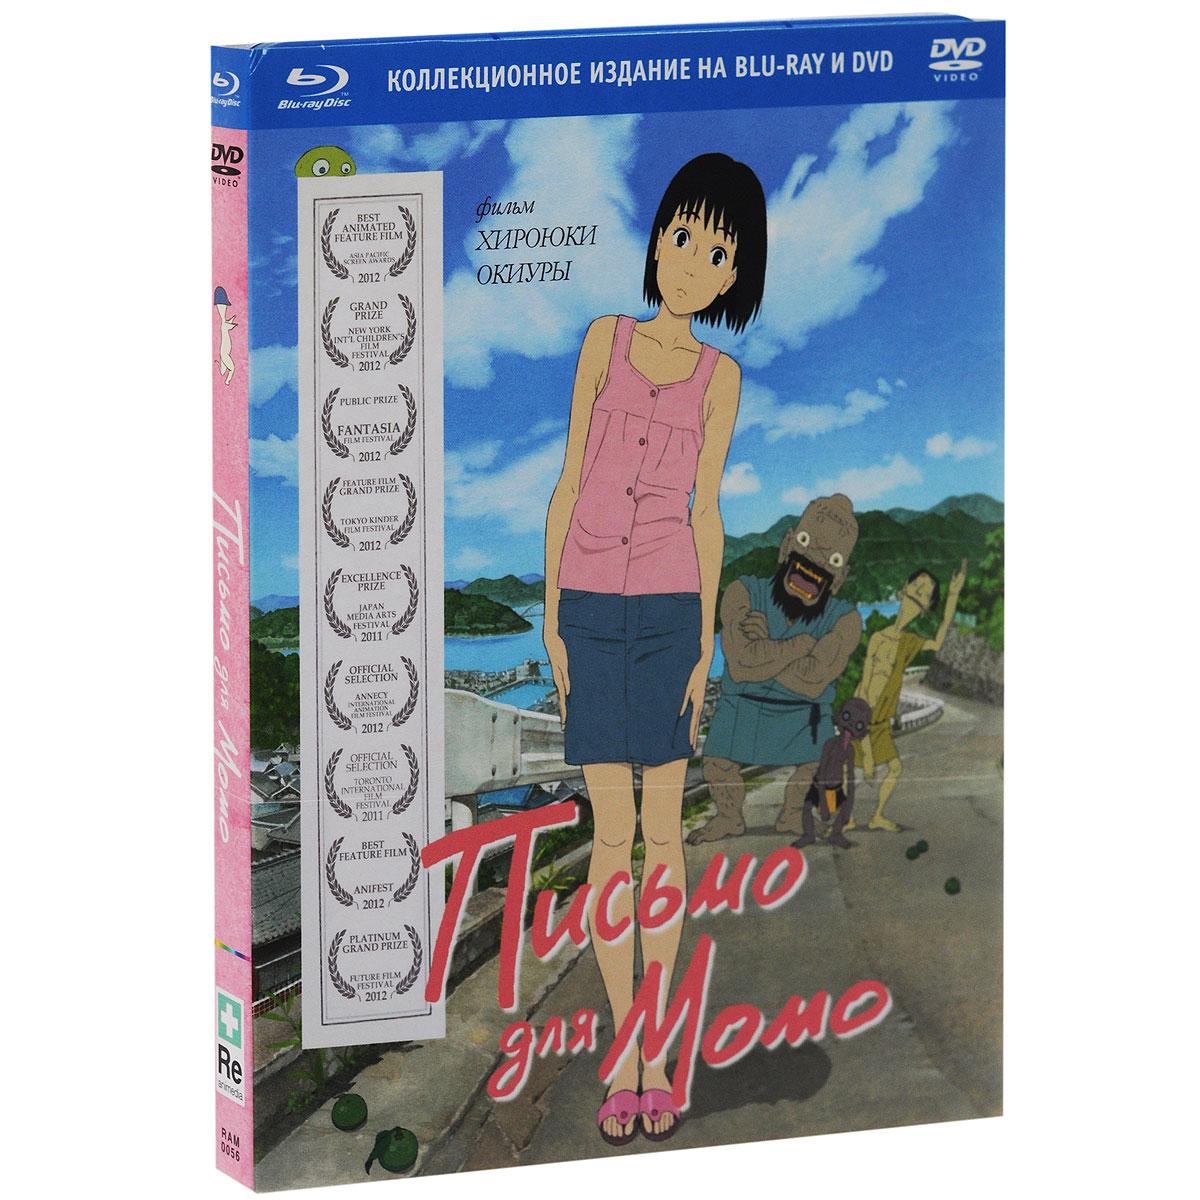 Письмо для Момо (Blu-ray + DVD)